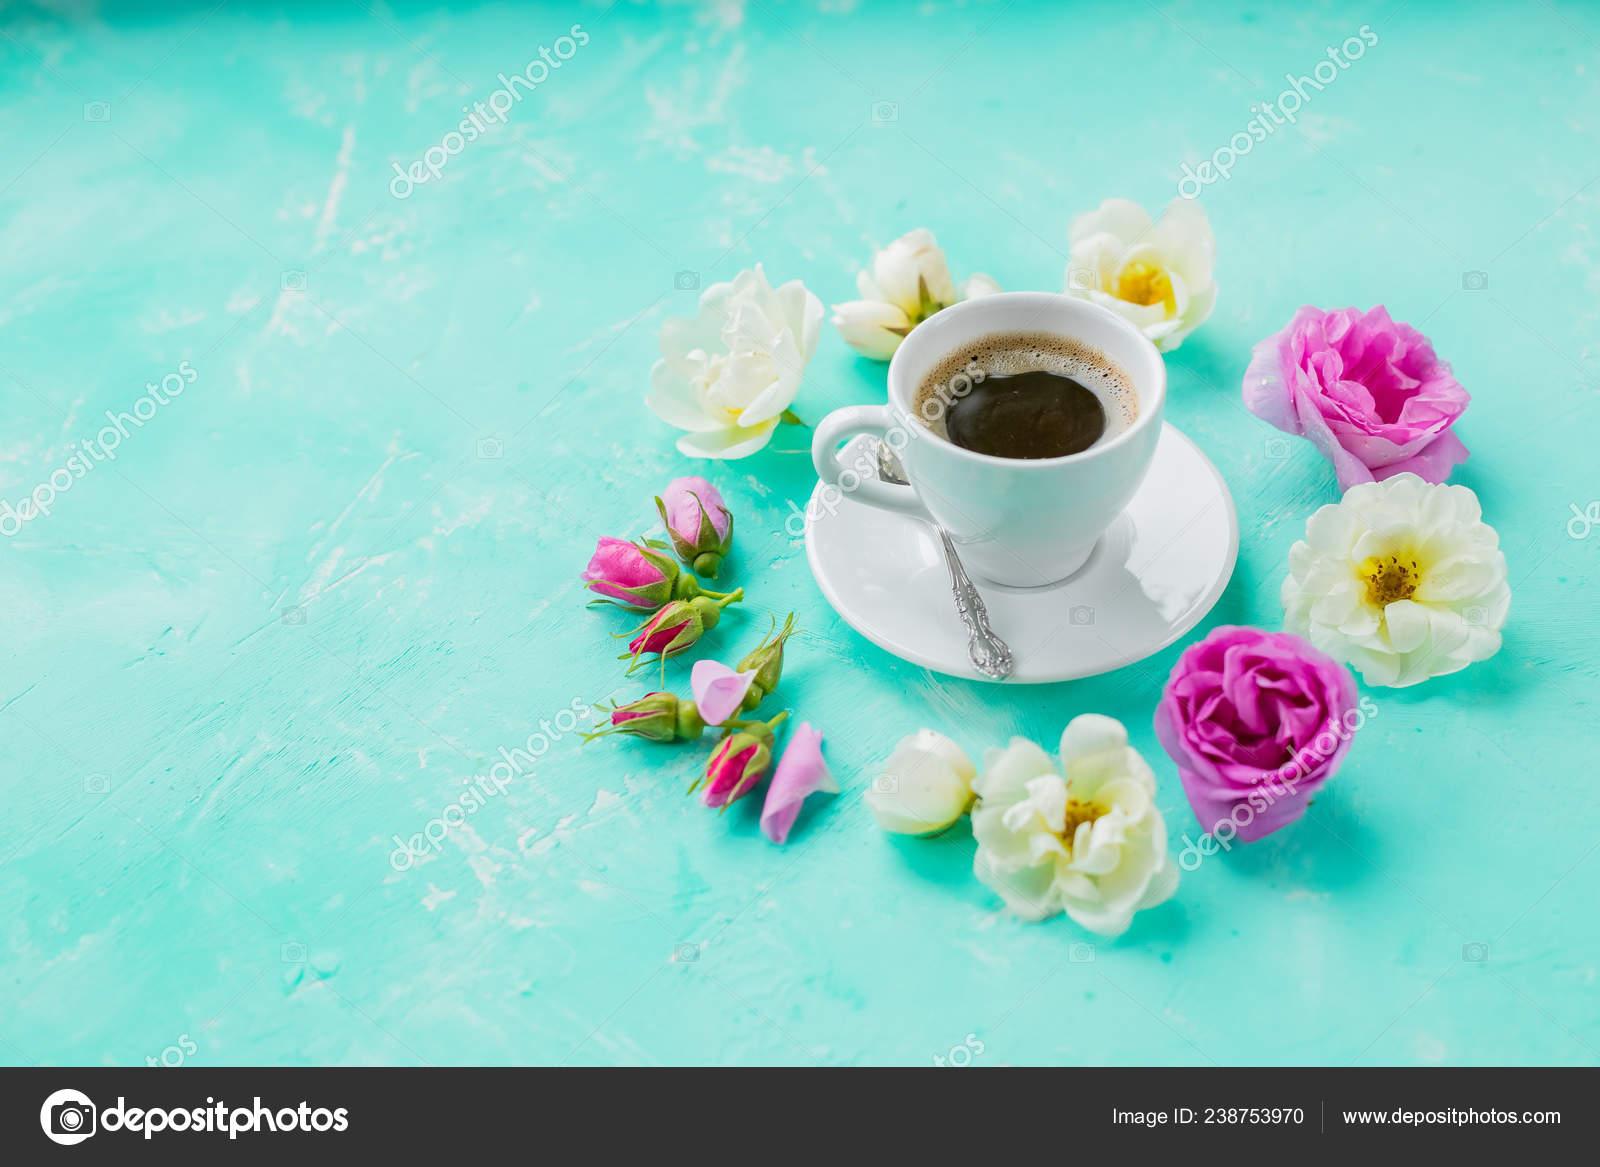 Coffee cozy/'s Cup cozy/'s Sky Blue Cozy/'s